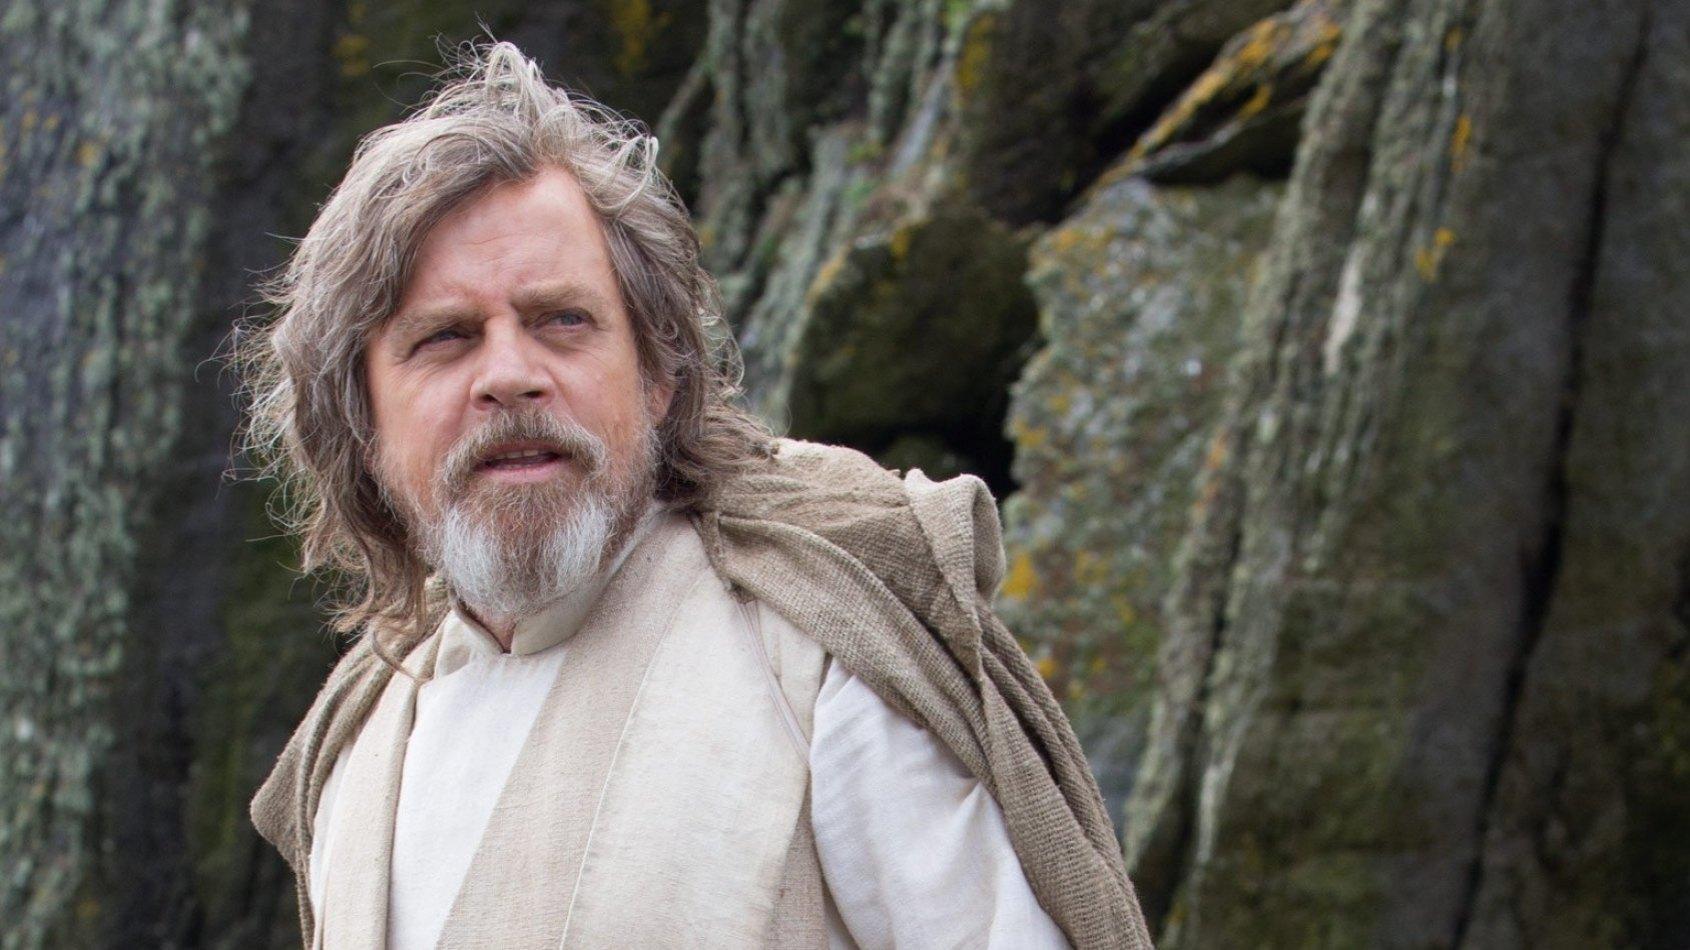 Une vidéo de tournage impliquant Luke Skywalker dans l'Episode VIII ?